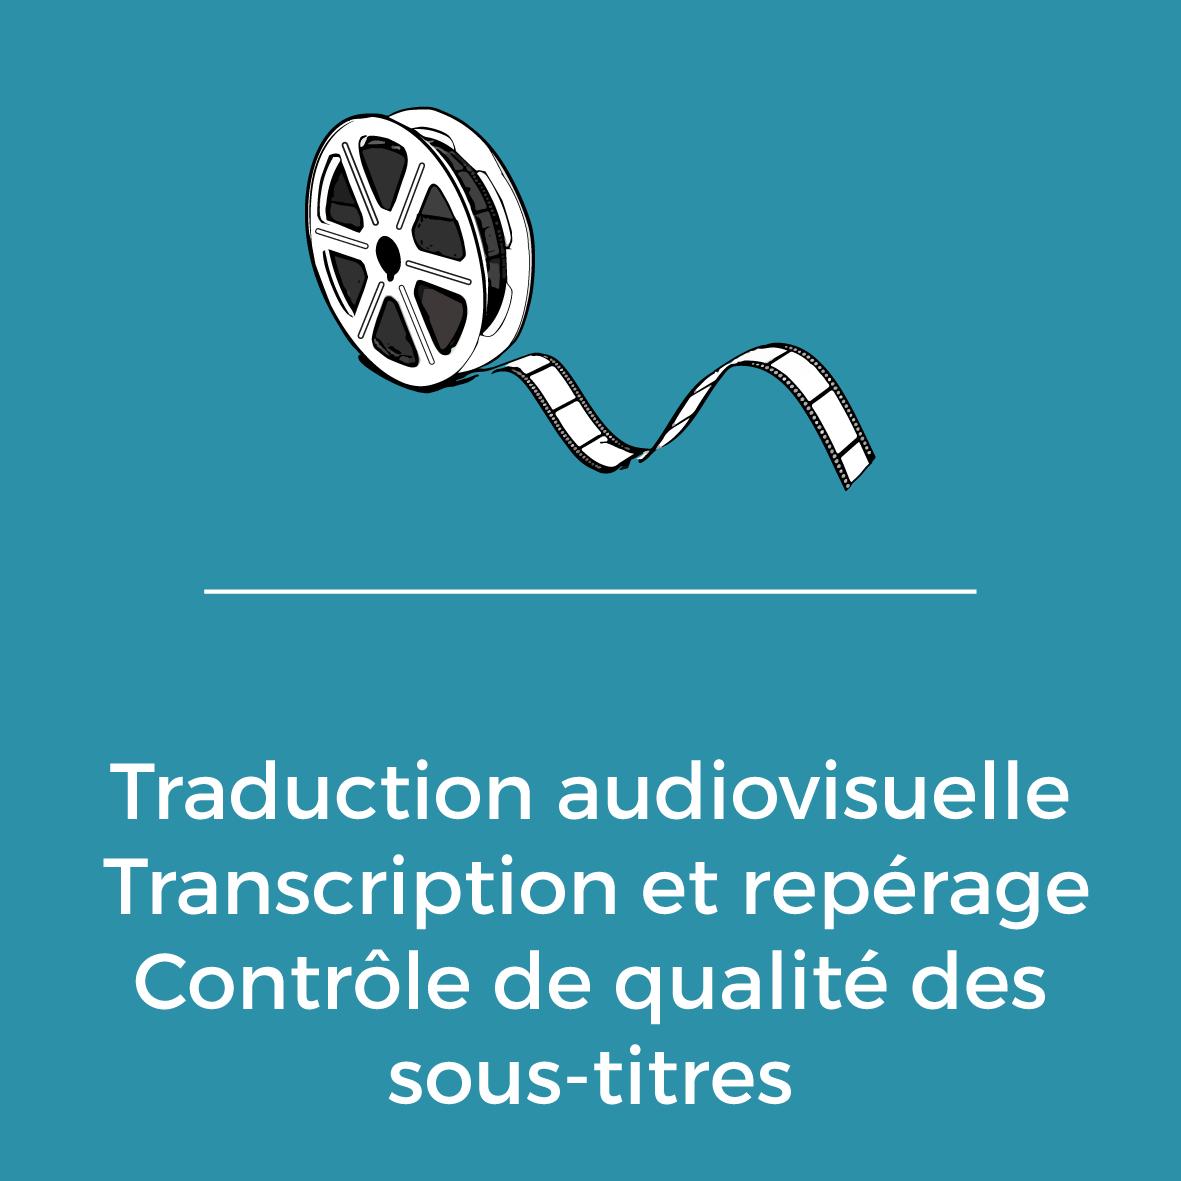 Services - Traduction audiovisuelle - Transcription et repérage - Contrôle de qualité des sous-titres